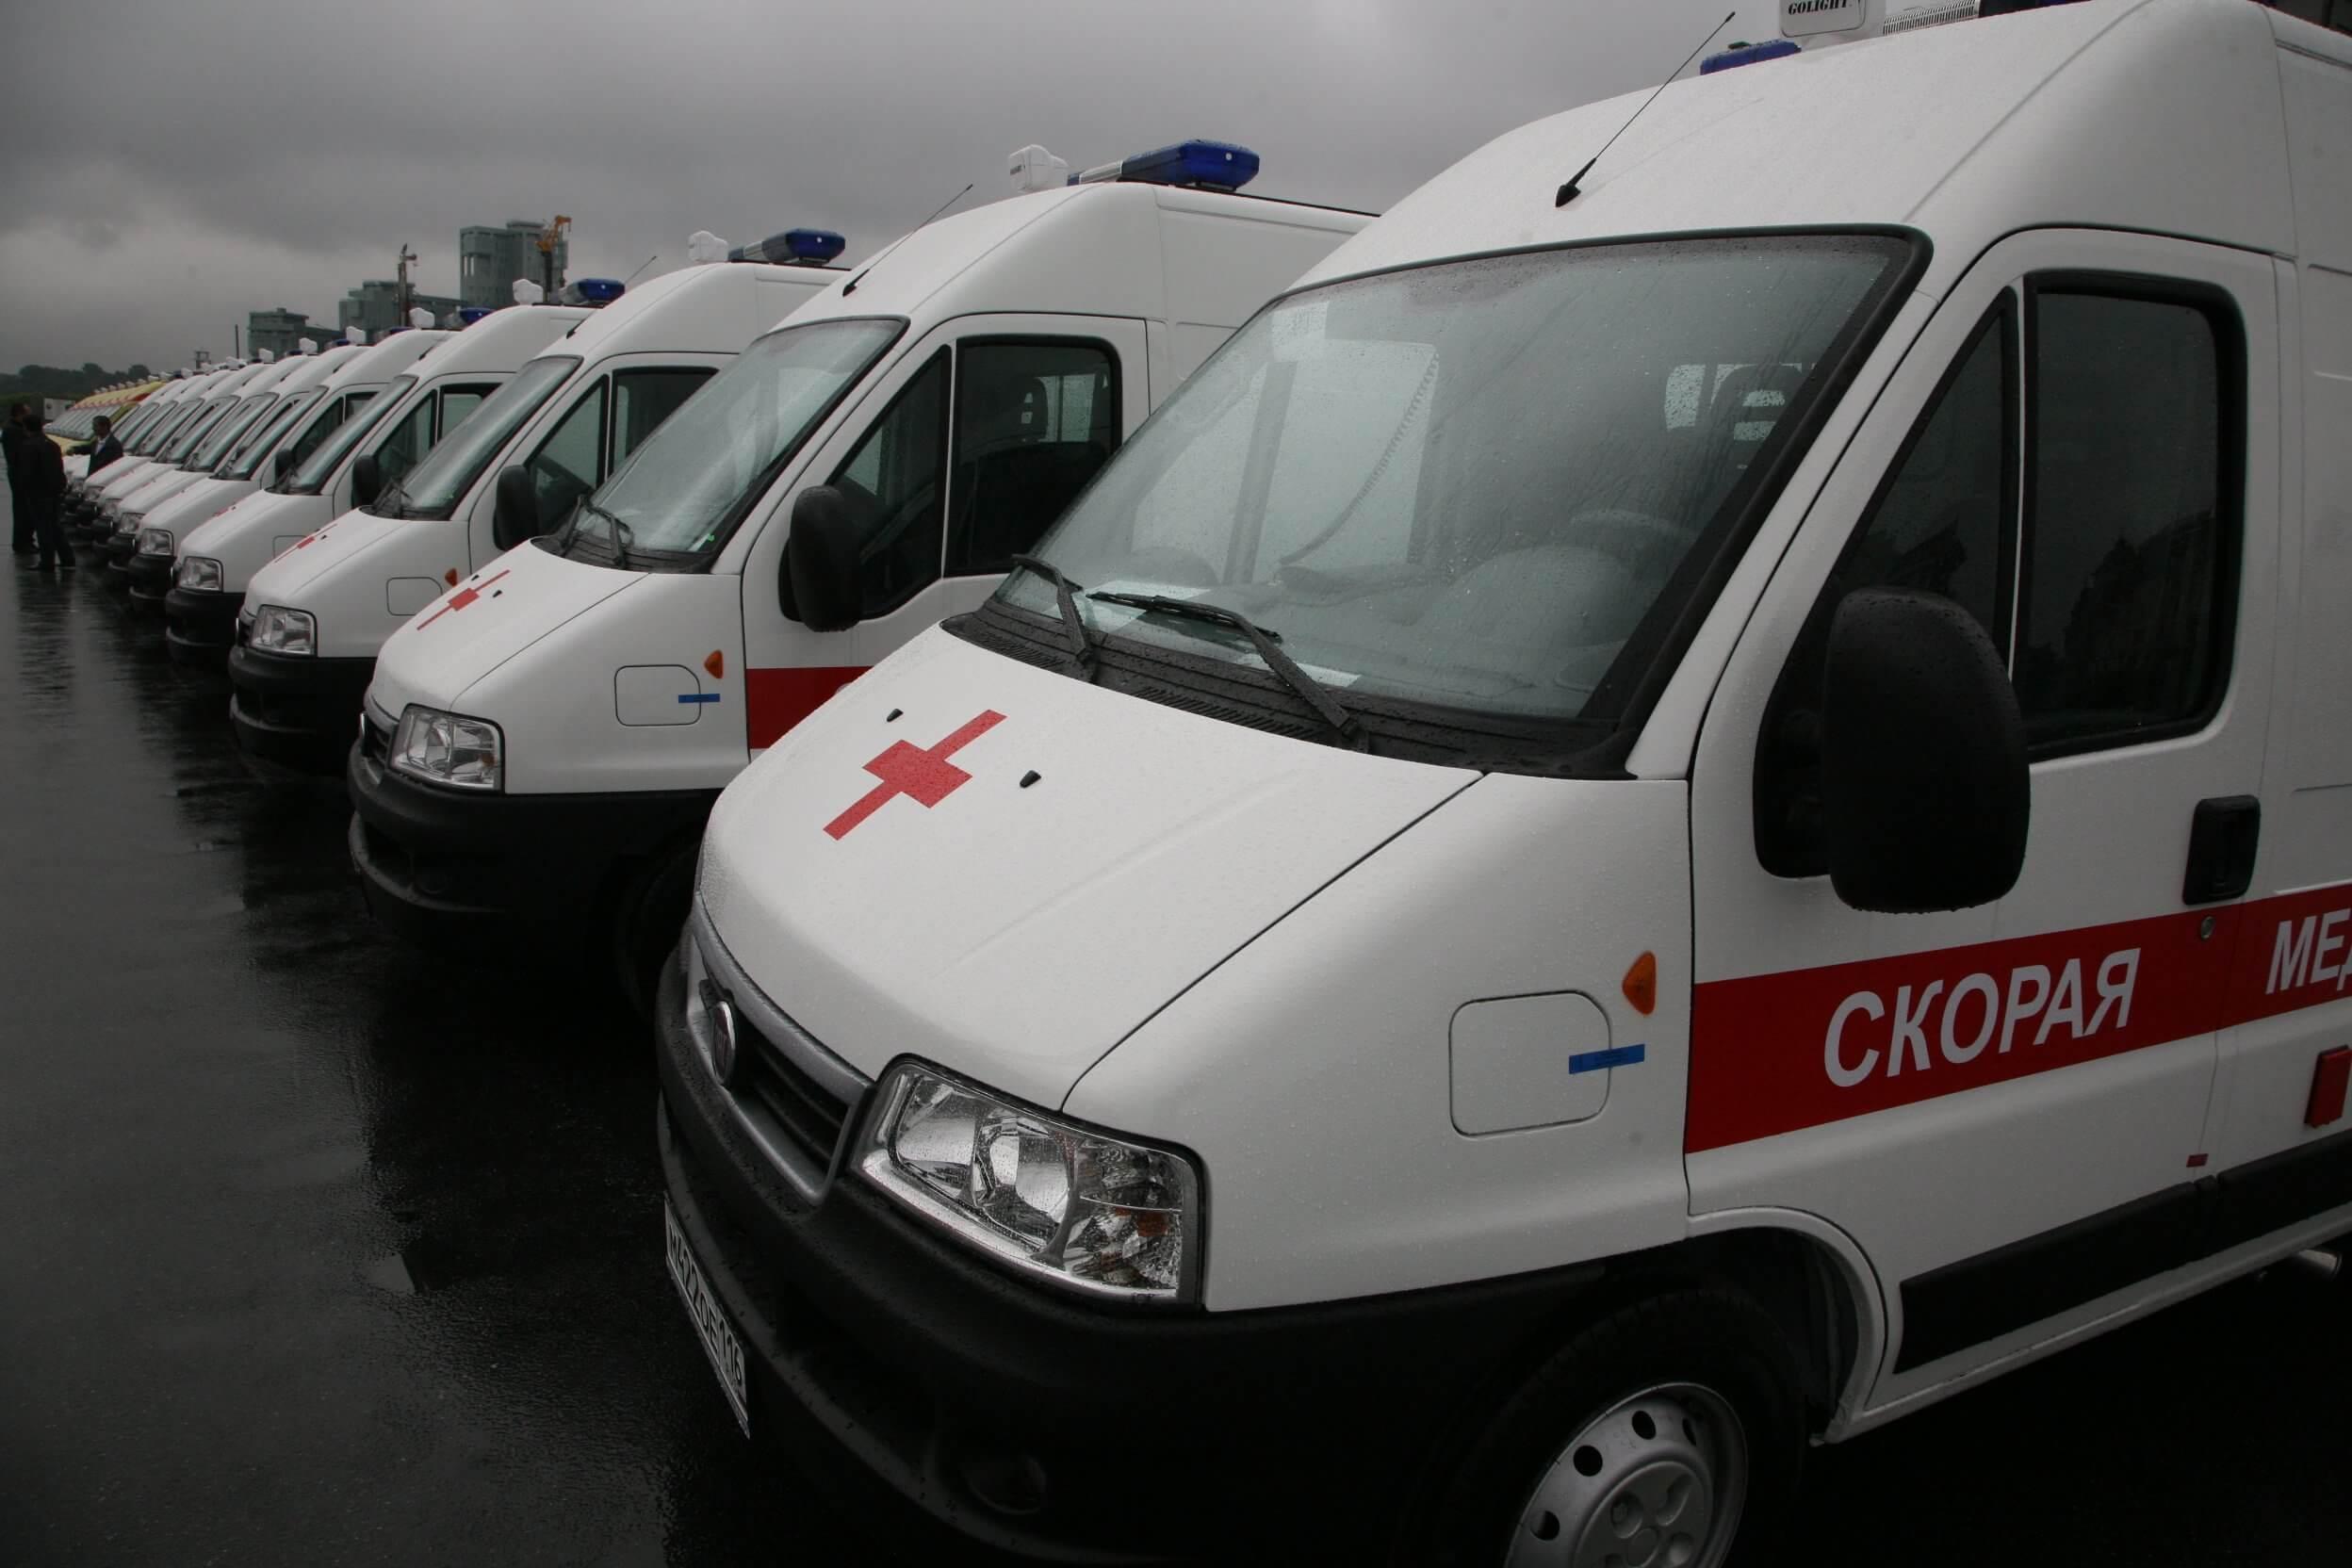 «Телемедицина и безопасность»: петербургские «скорые» хотят оборудовать камерами